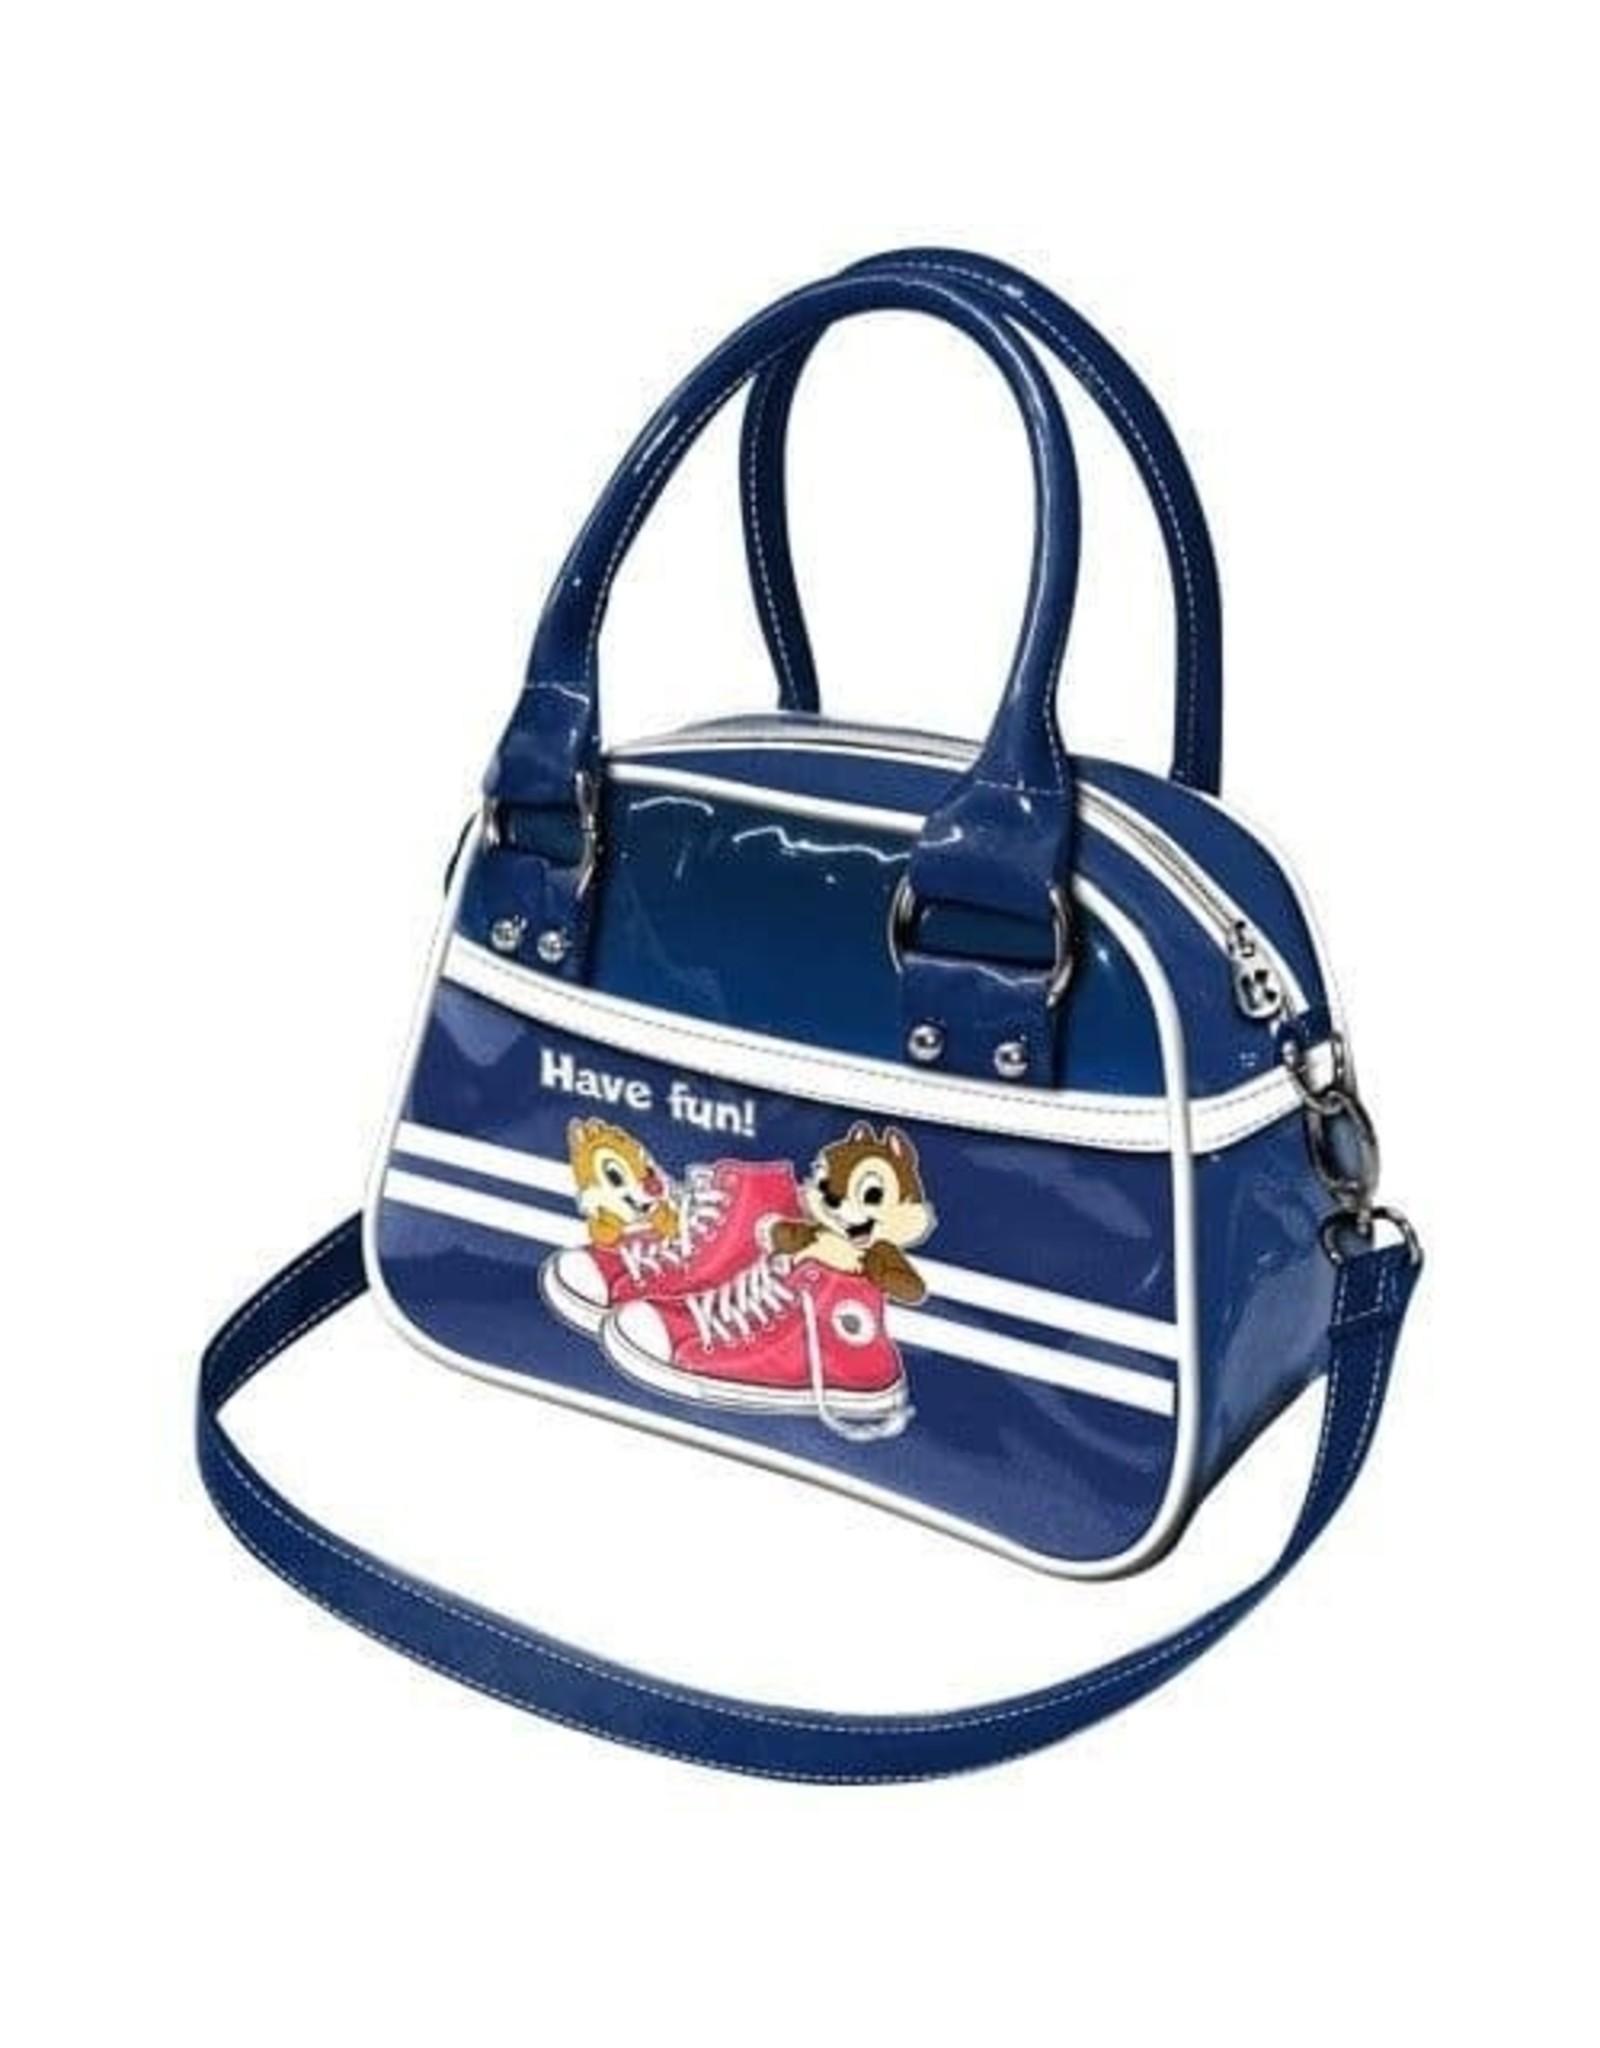 Disney Disney bags - Disney bag Chip n Dale Have fun 7392